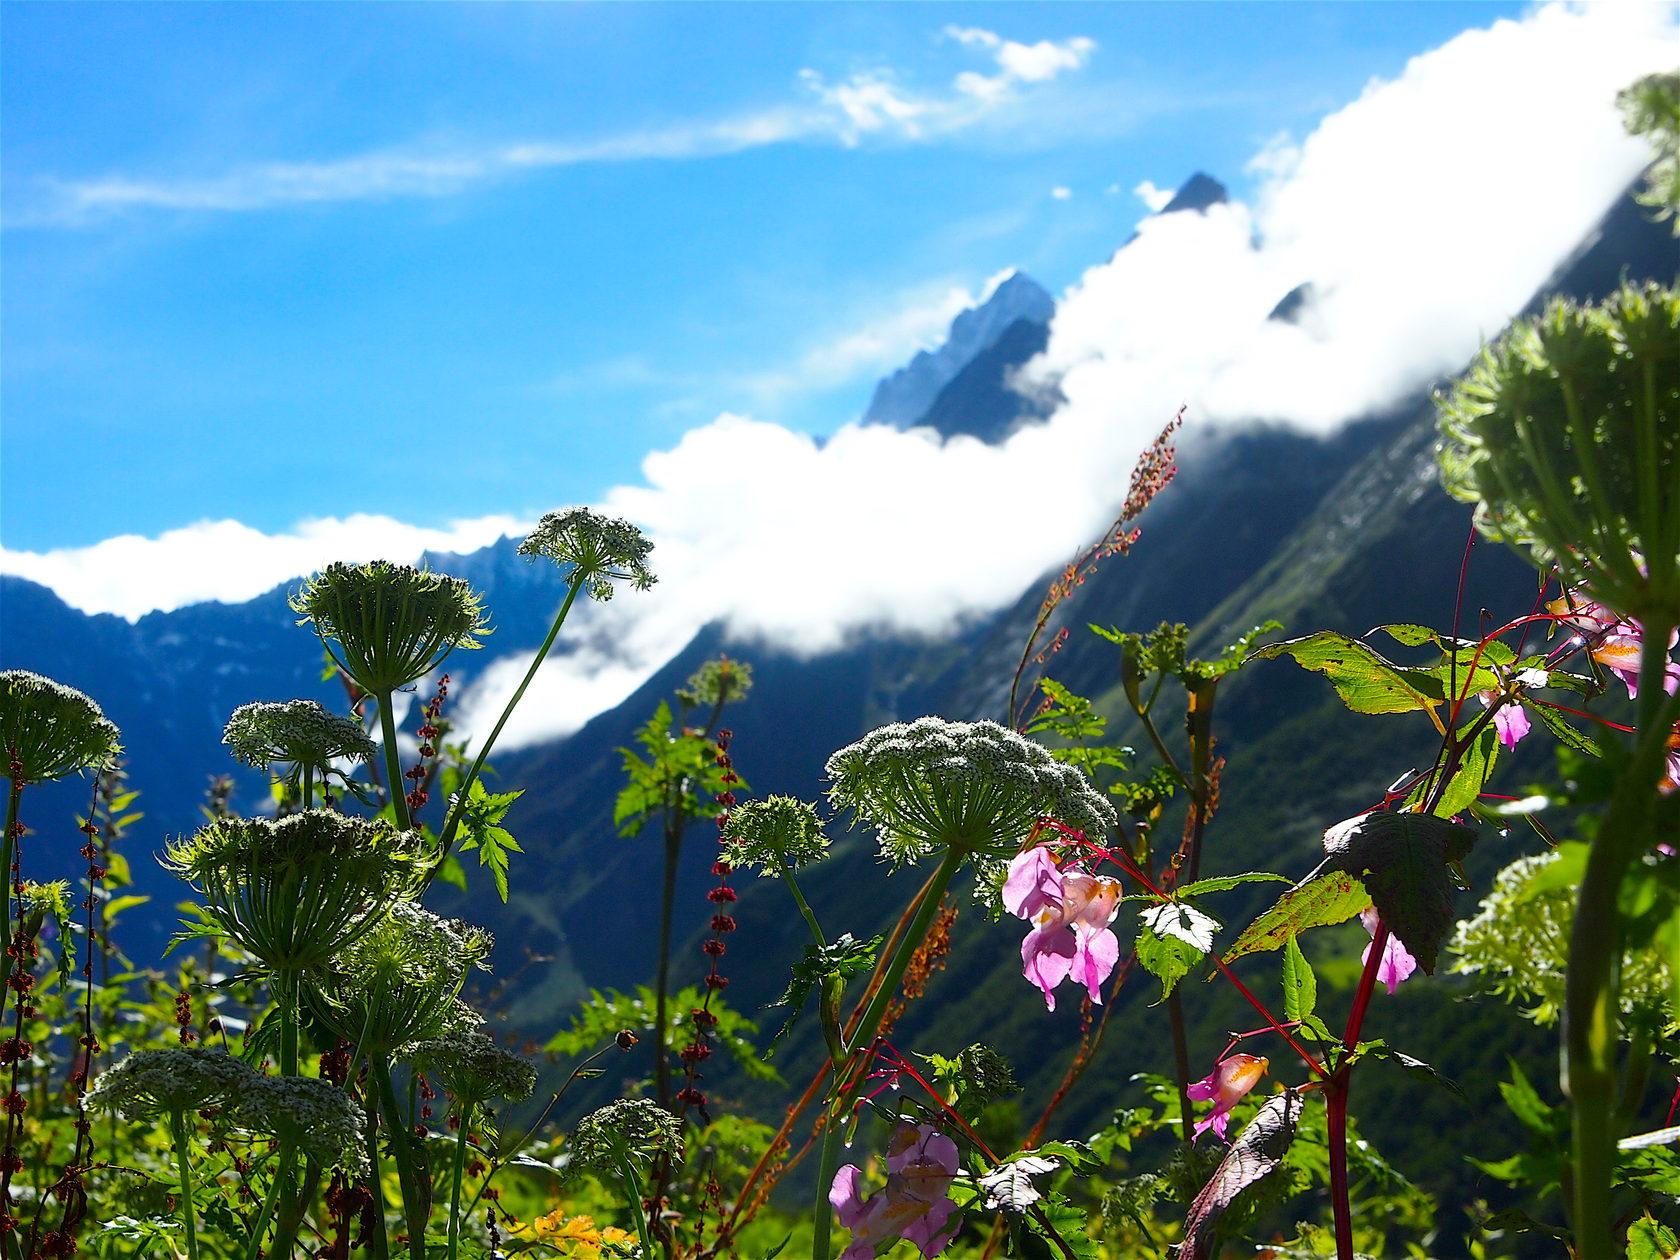 для натюрморта долина цветов уникальный уголок индии фото заключается